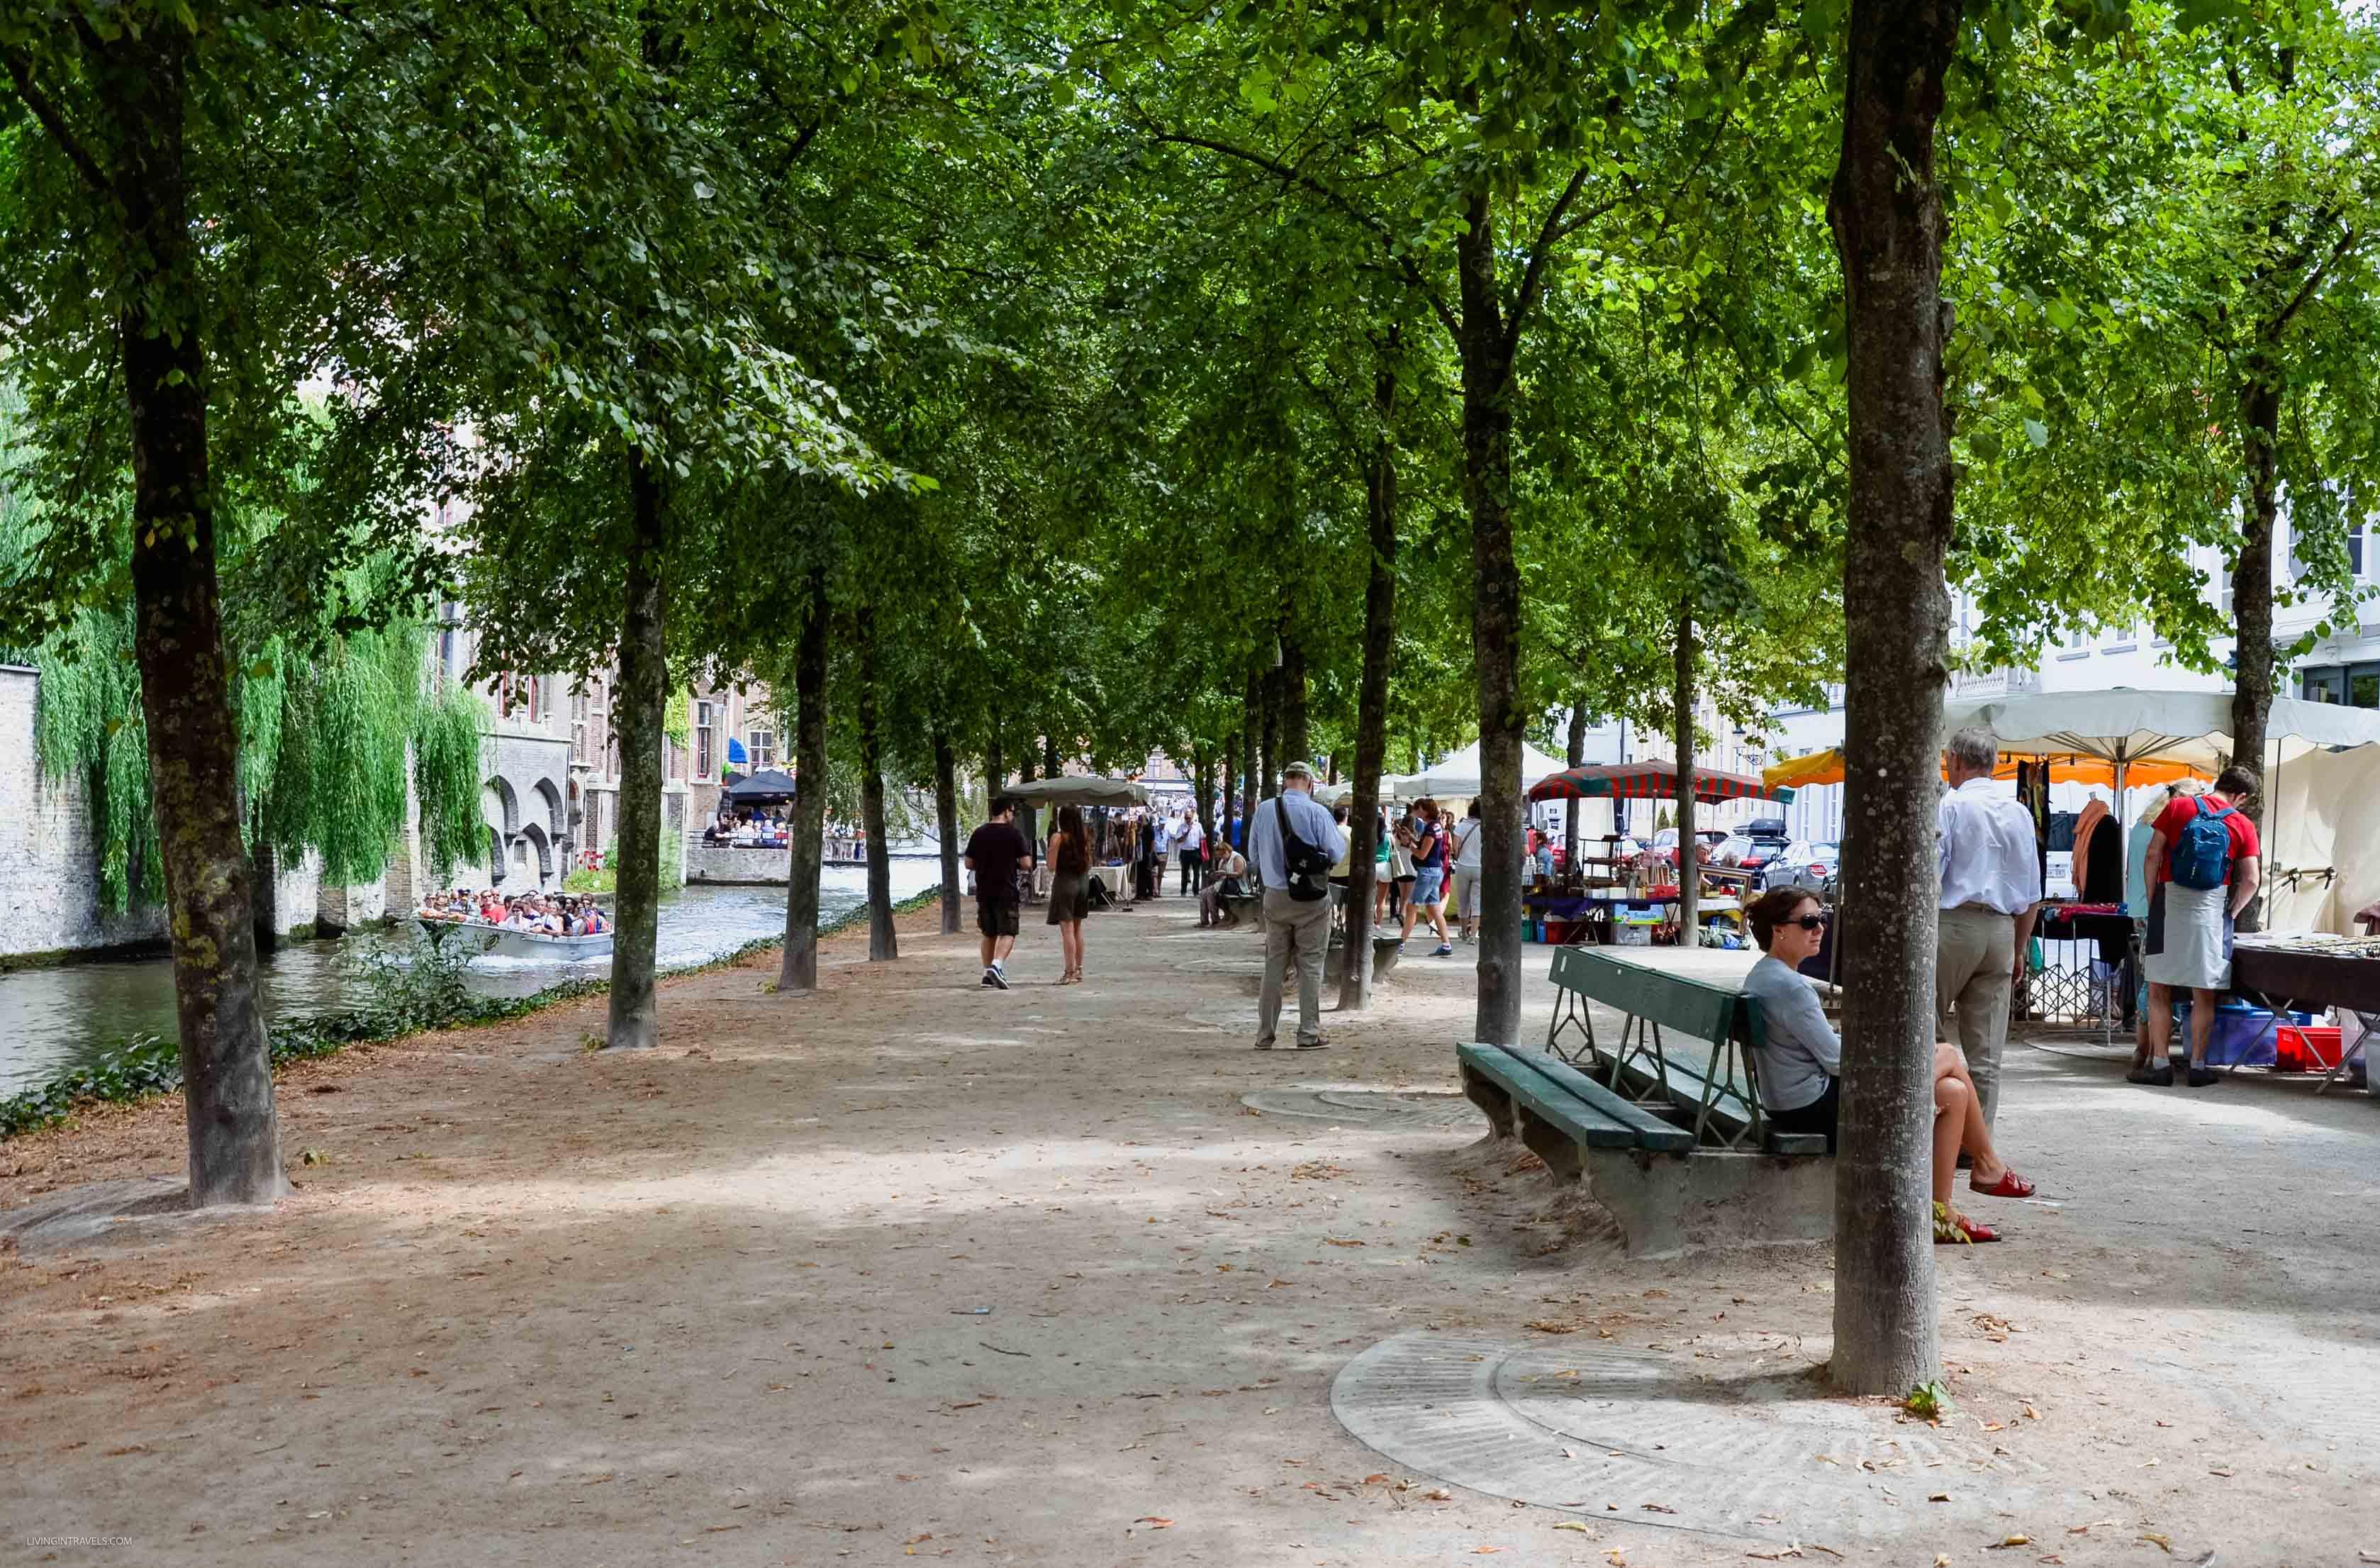 Блошиный рынок Брюгге или что везти домой кроме бельгийского пива